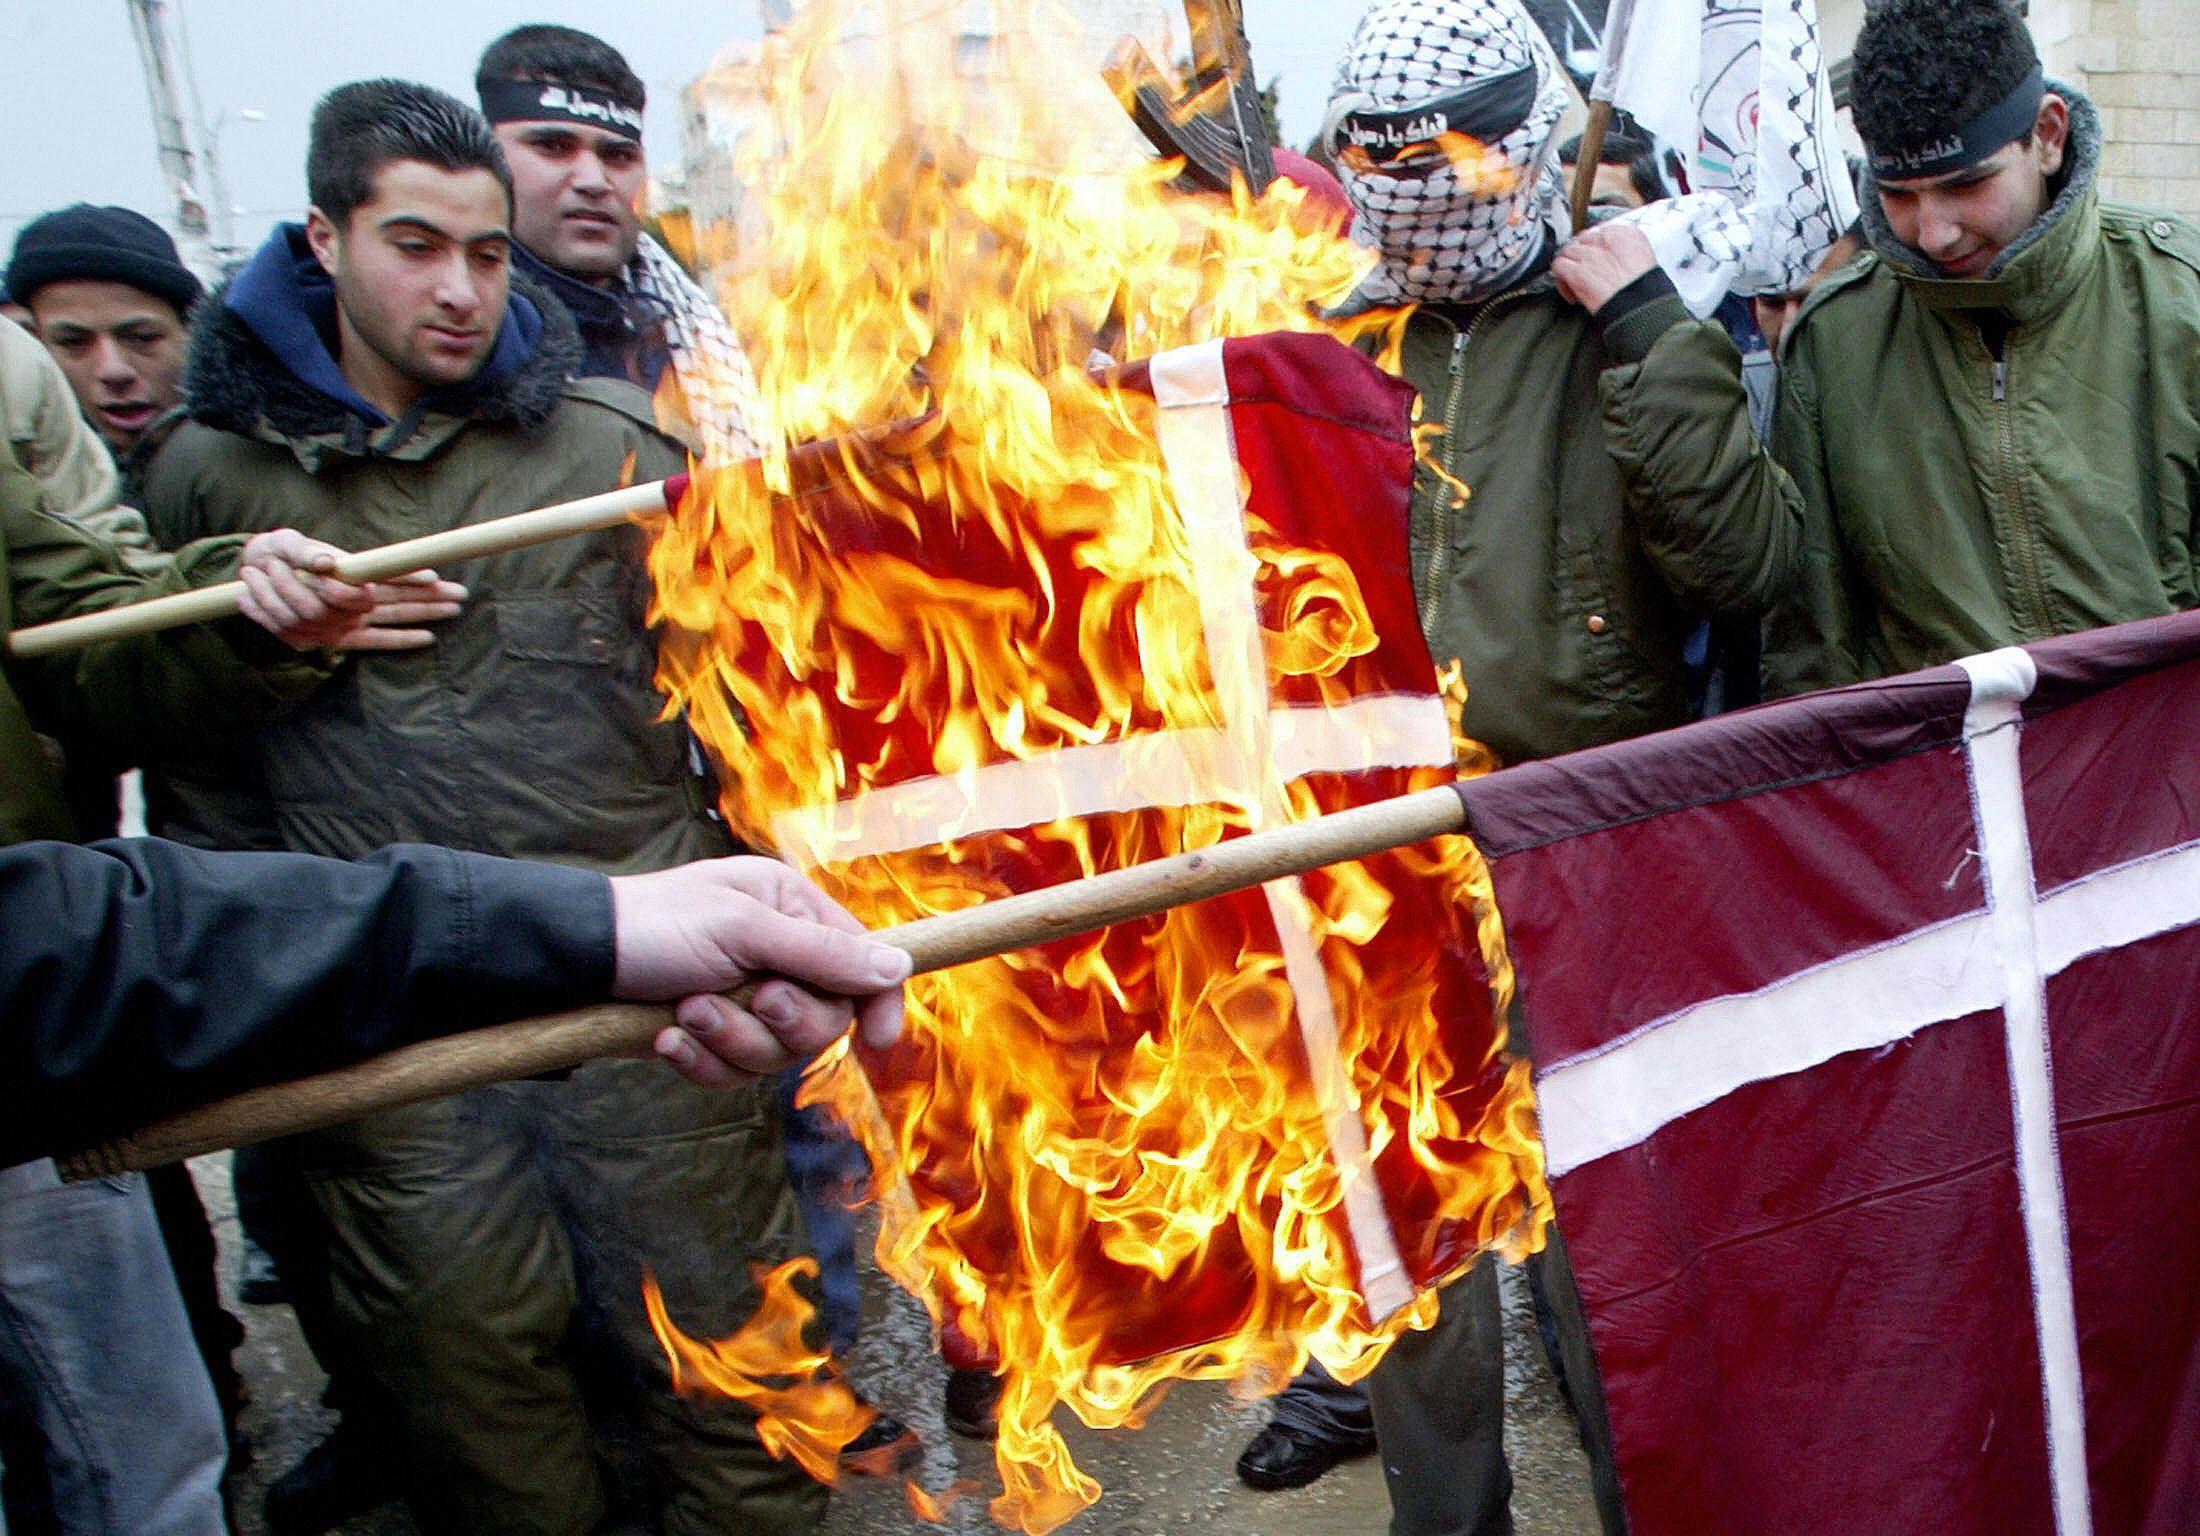 Protests in Denmark